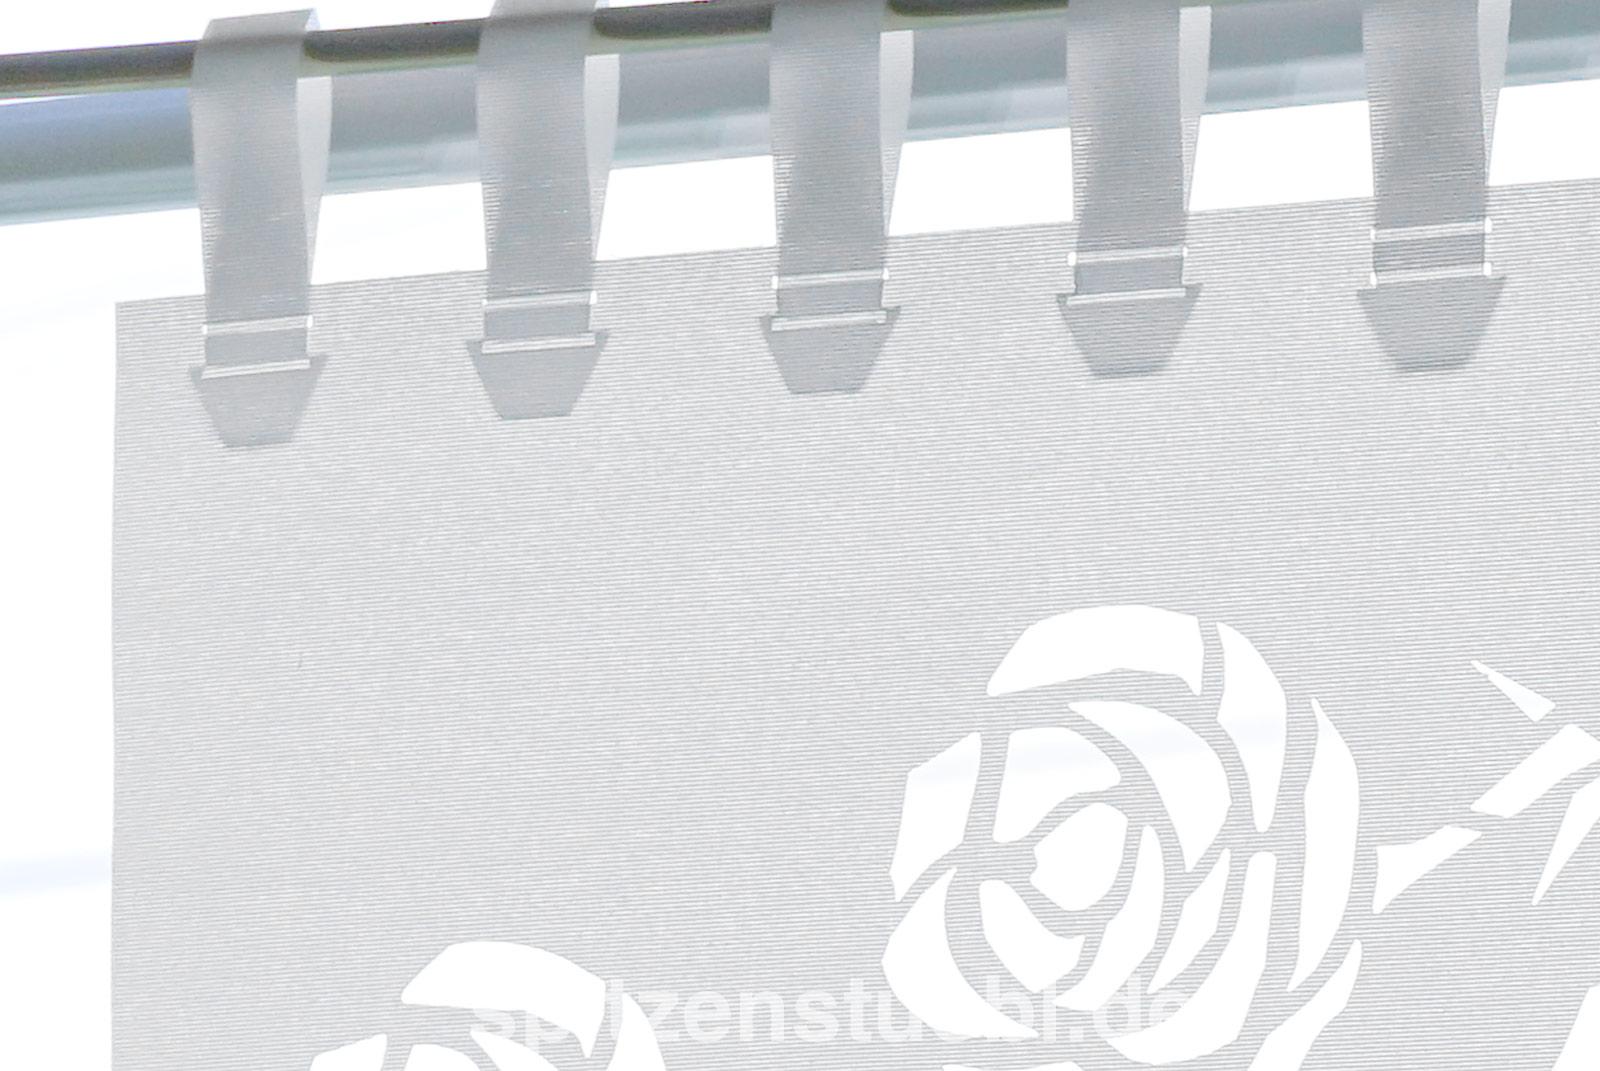 Full Size of Scheibengardine Modern Mit Lasercut Rosenmotiv Moderne Esstische Modernes Bett Scheibengardinen Küche Landhausküche Bilder Fürs Wohnzimmer 180x200 Duschen Wohnzimmer Moderne Scheibengardinen